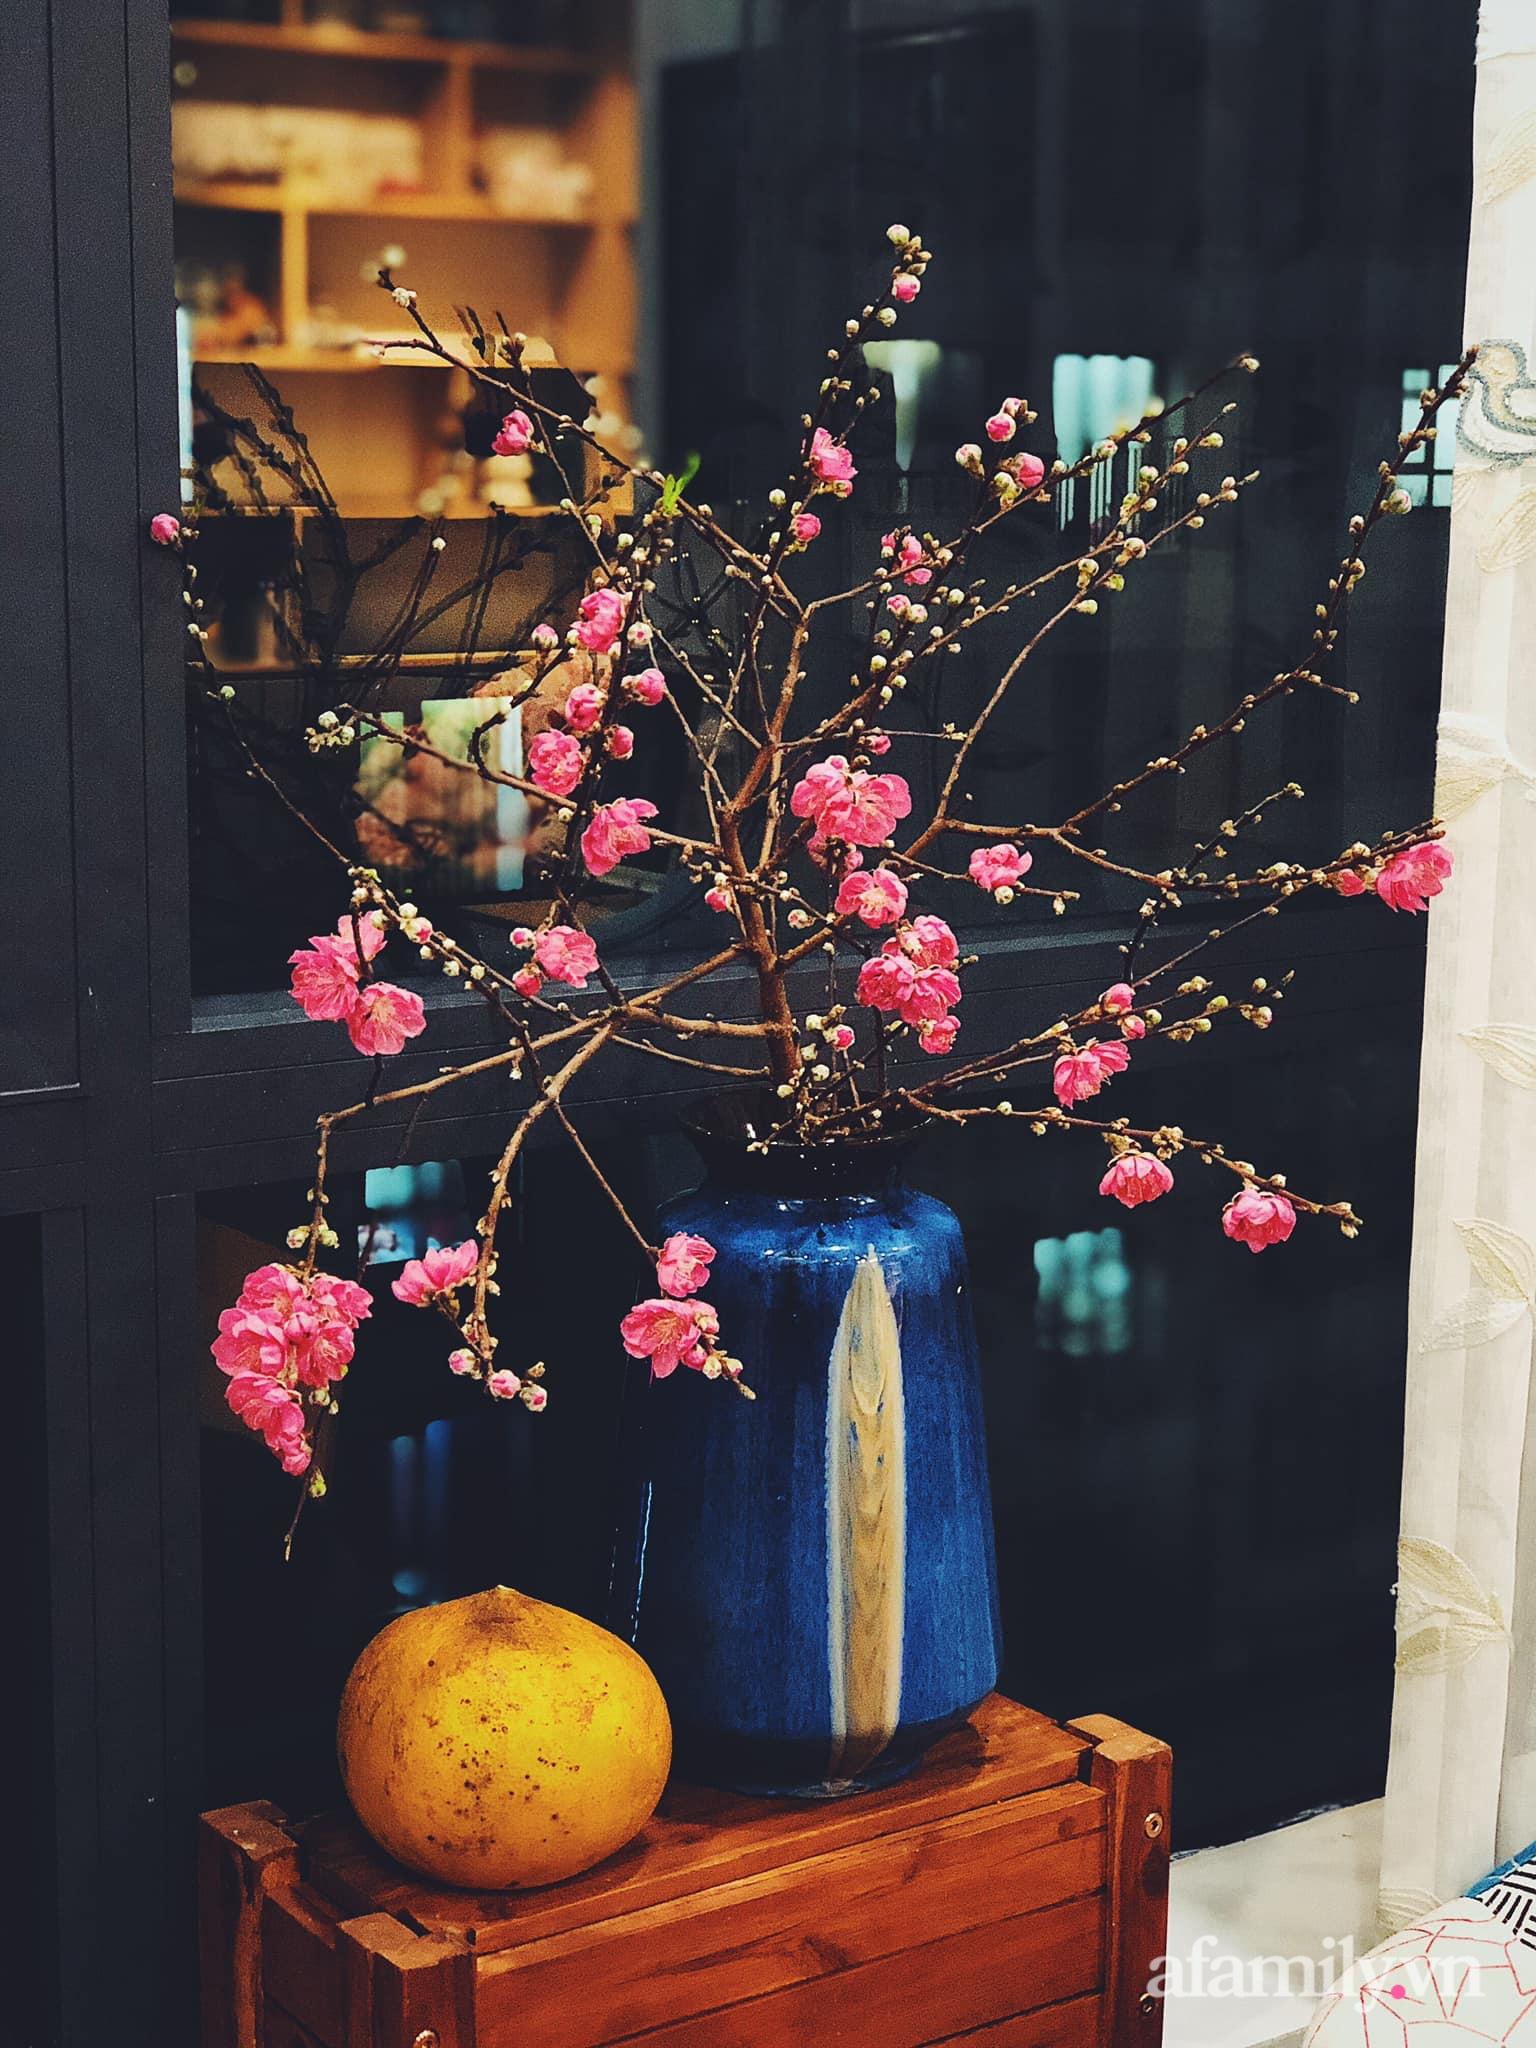 Mẻ đảm Hà Nội khéo mang Tết vào tổ ấm đẹp duyên dáng với gốm và hoa - Ảnh 3.